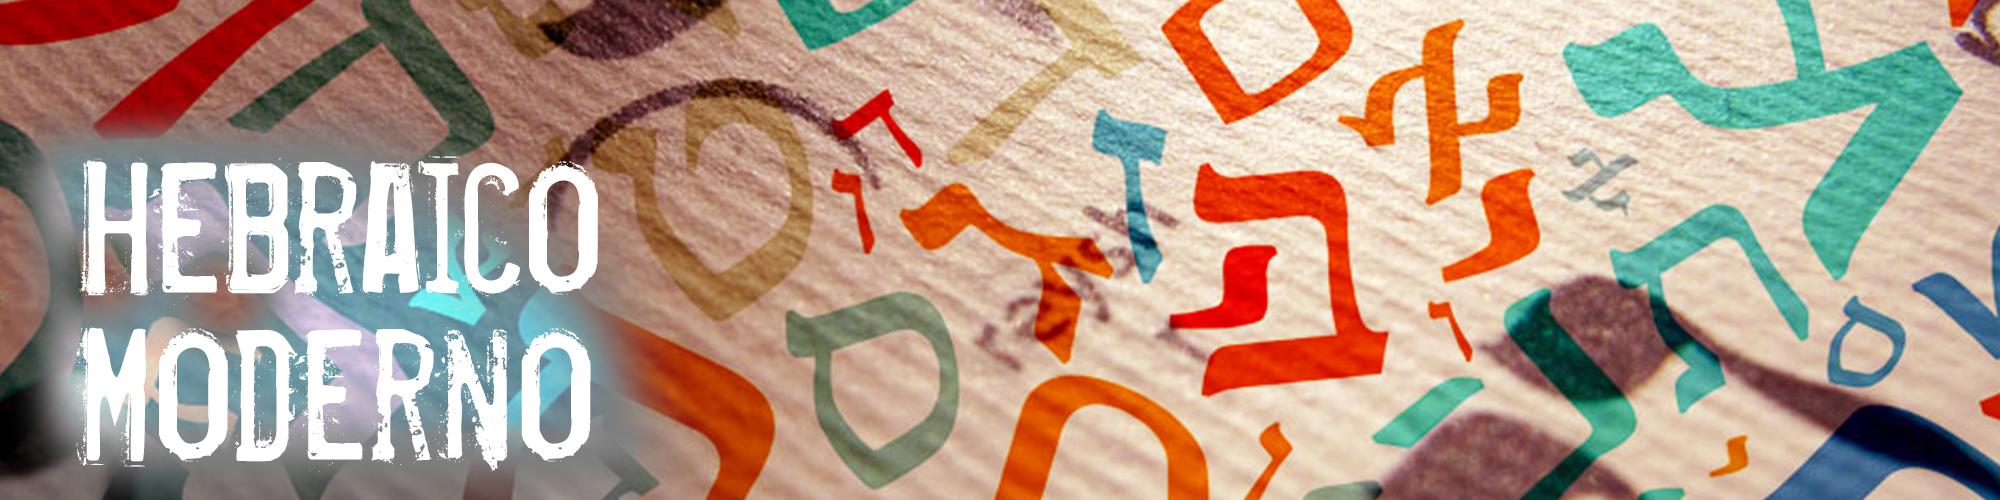 Aulas de Hebraico Moderno para todos os níveis – período manhã